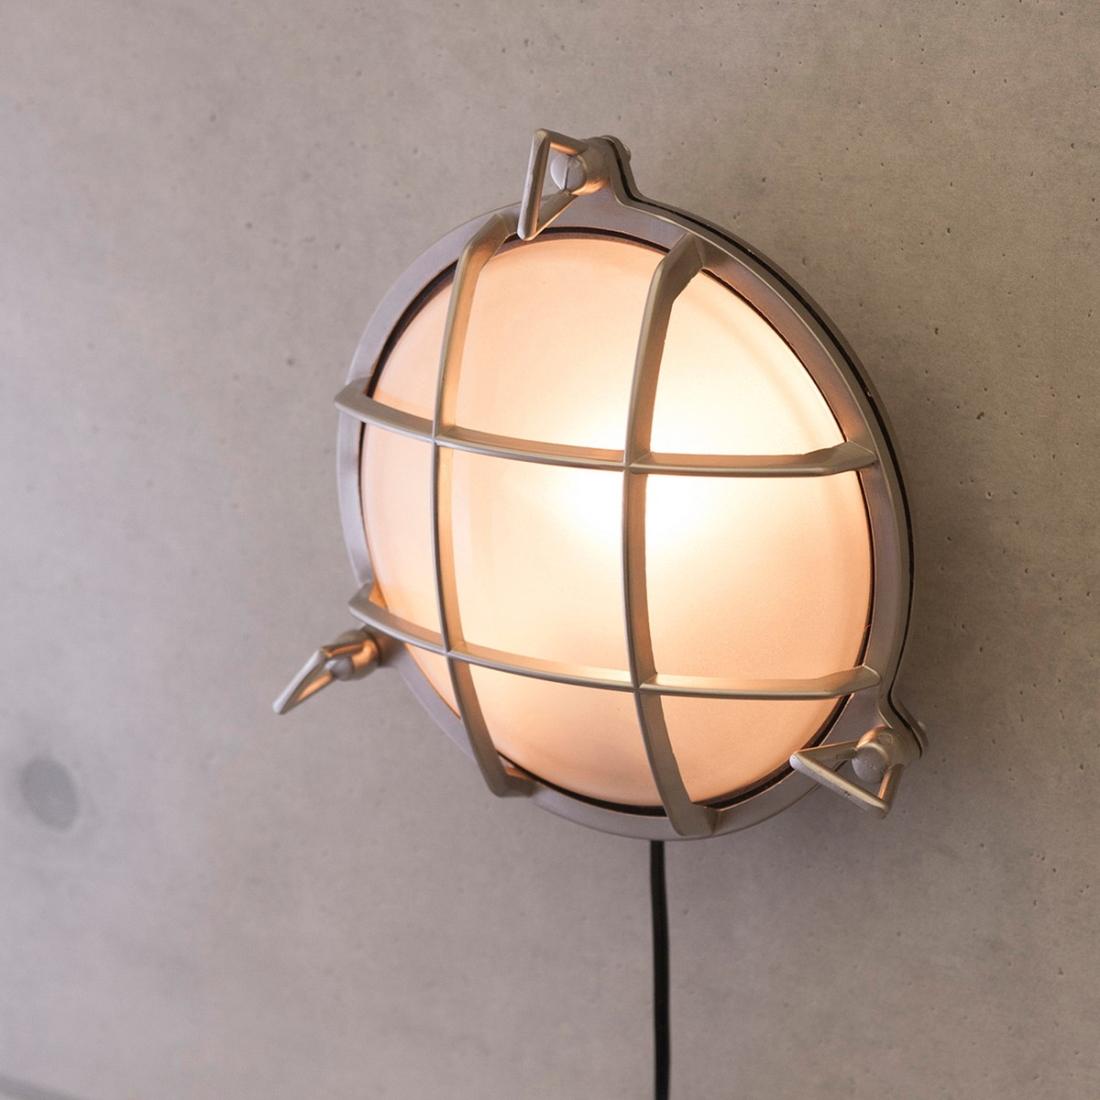 部屋 おしゃれ レトロ 家具 【壁照明】ヴィンテージウォールランプ[サブマリン ラウンド(ブラッシュNK)]LED対応<E26/梨型>